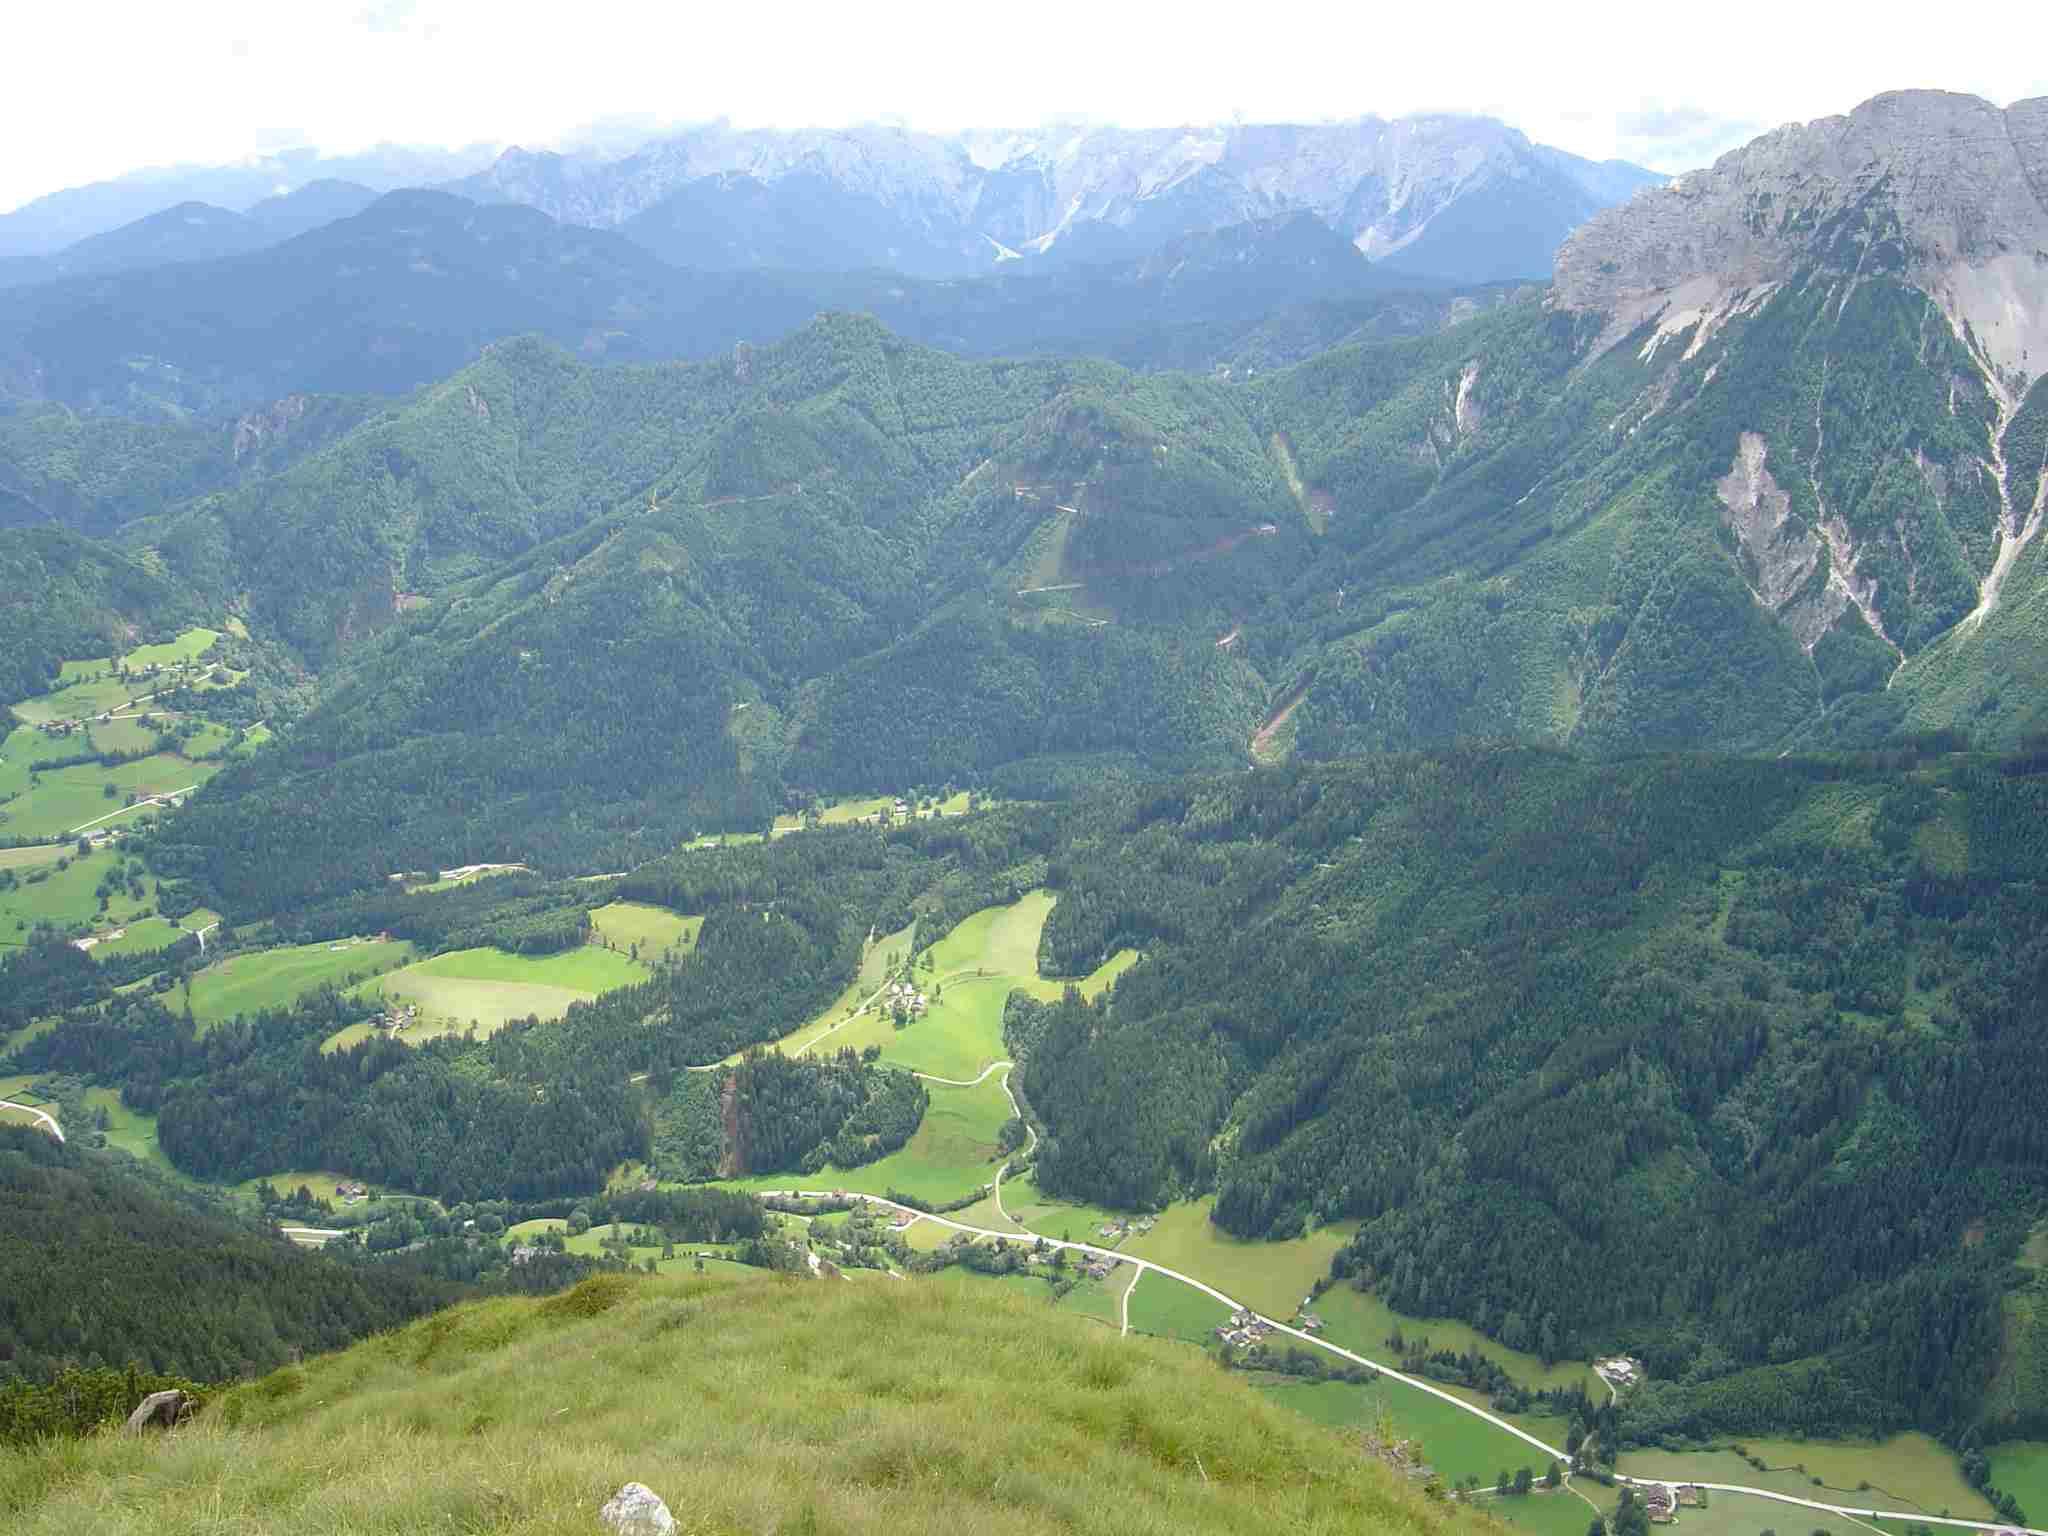 Foto: Manfred Karl / Wander Tour / Freiberg (Setitsche), 1923 m / Rechts im Bild Tolsta Koschuta, im HIntergrund Steiner Alpen. / 05.05.2007 18:30:02